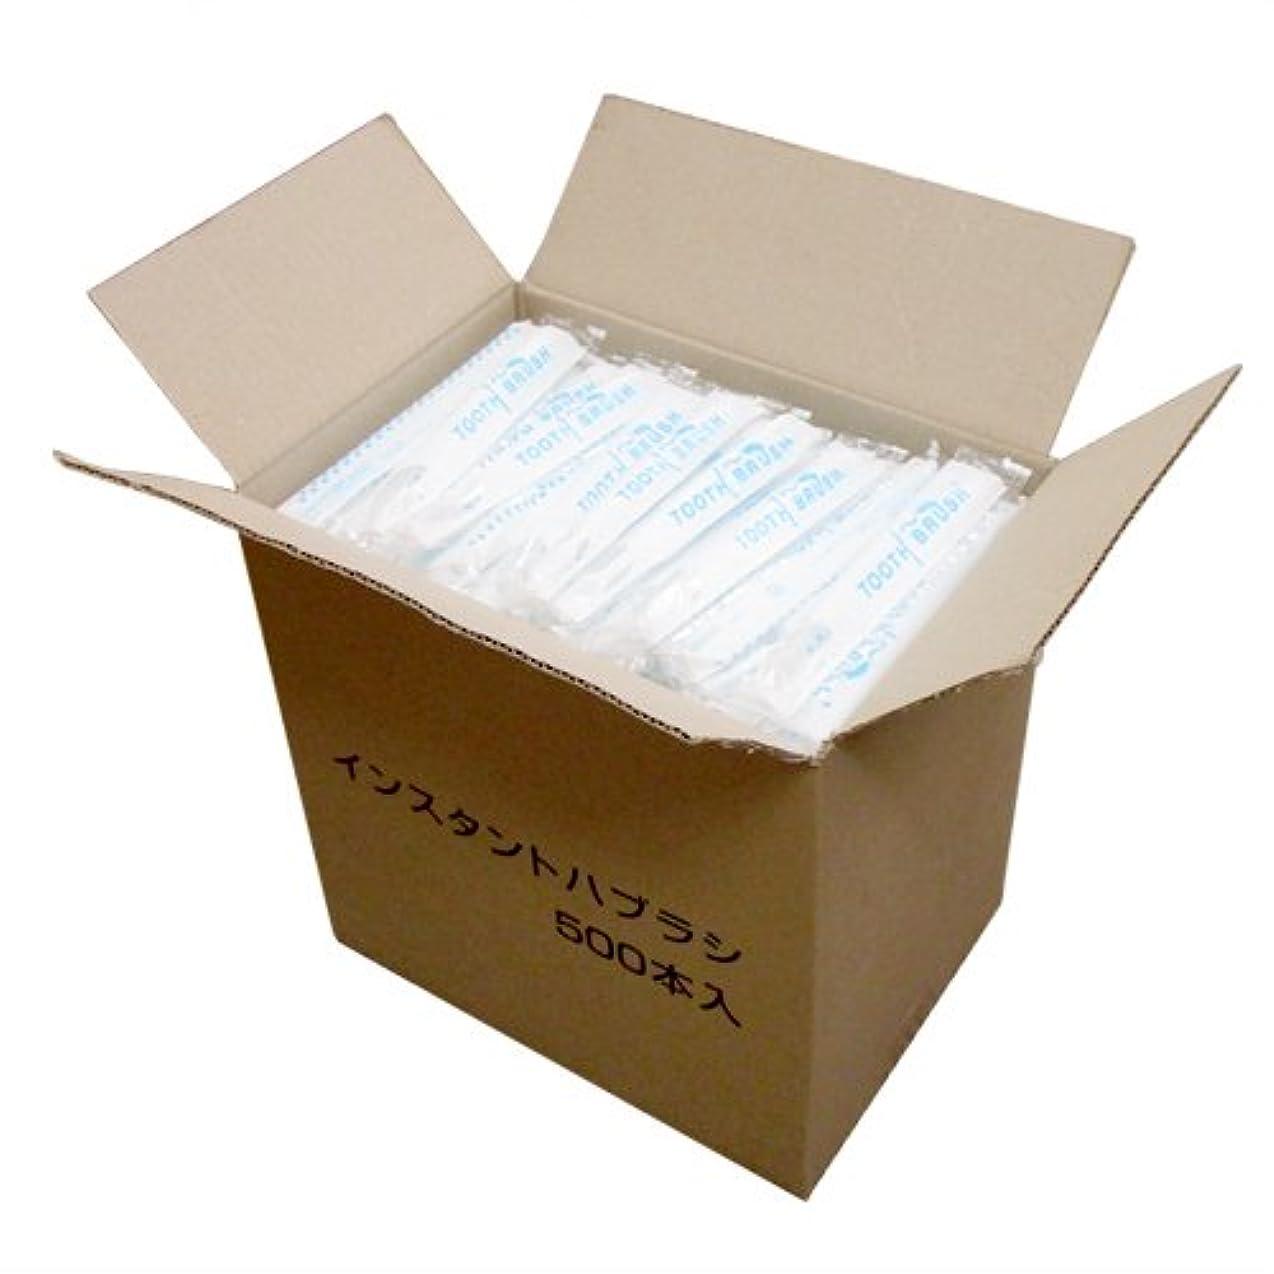 トムオードリース驚きみがきます業務用 日本製 使い捨て粉付き歯ブラシ 個包装タイプ 500本入×1箱│ホテルアメニティ